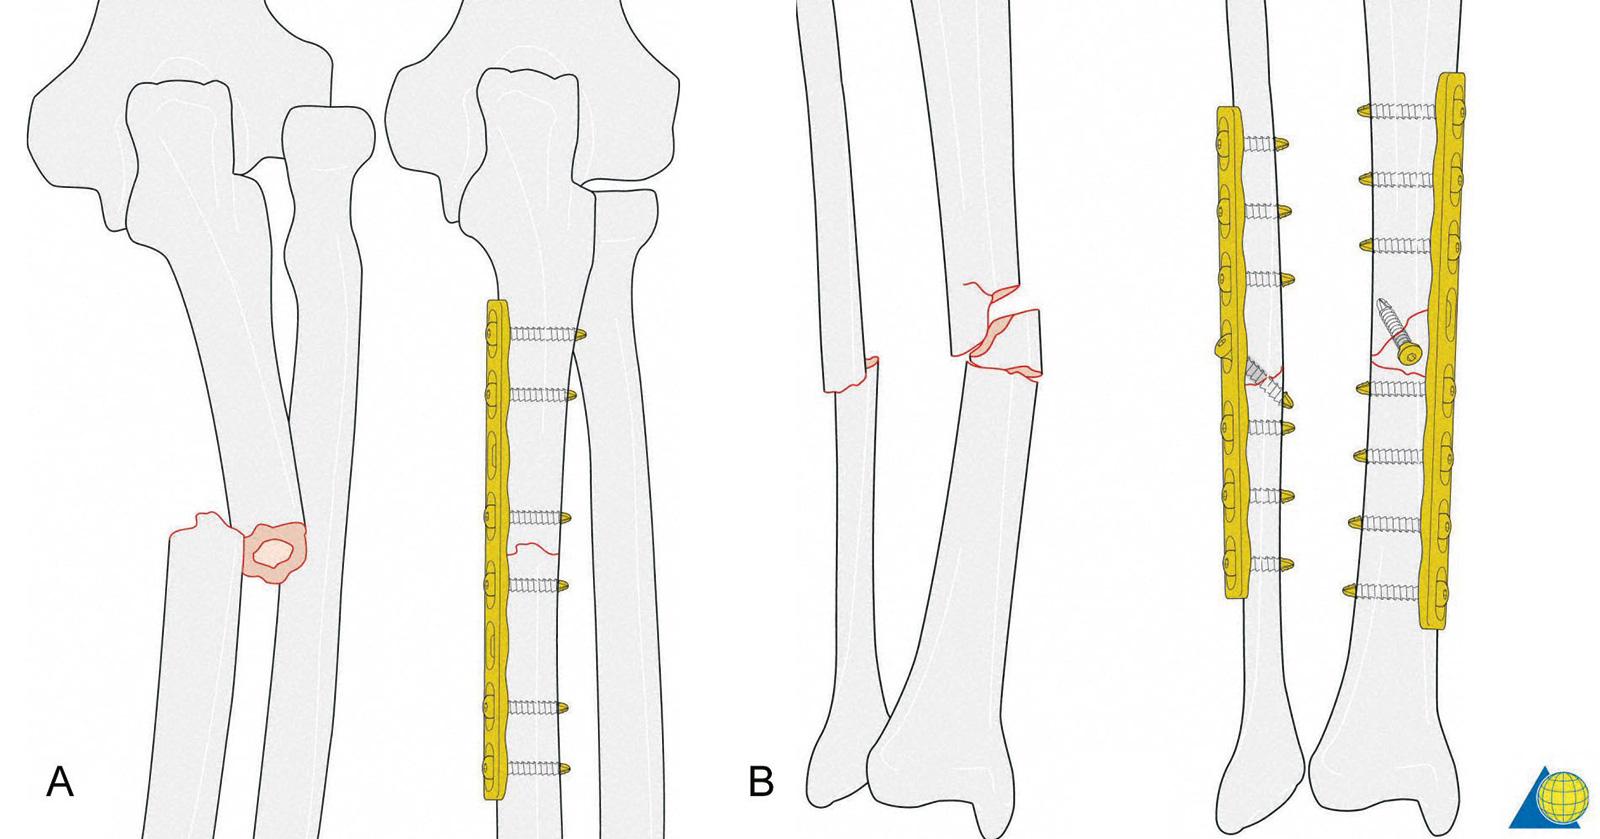 Abb. 3-85: Ulnafraktur mit Luxation des Radiusköpfchens (Monteggia Fraktur). Die Stabilisierung der Ulnafraktur führt in der Regel automatisch zu einer Reposition der Radiusköpfchenluxation (A); Einfache Fraktur beider Knochen und Fixierung mit einer Plat